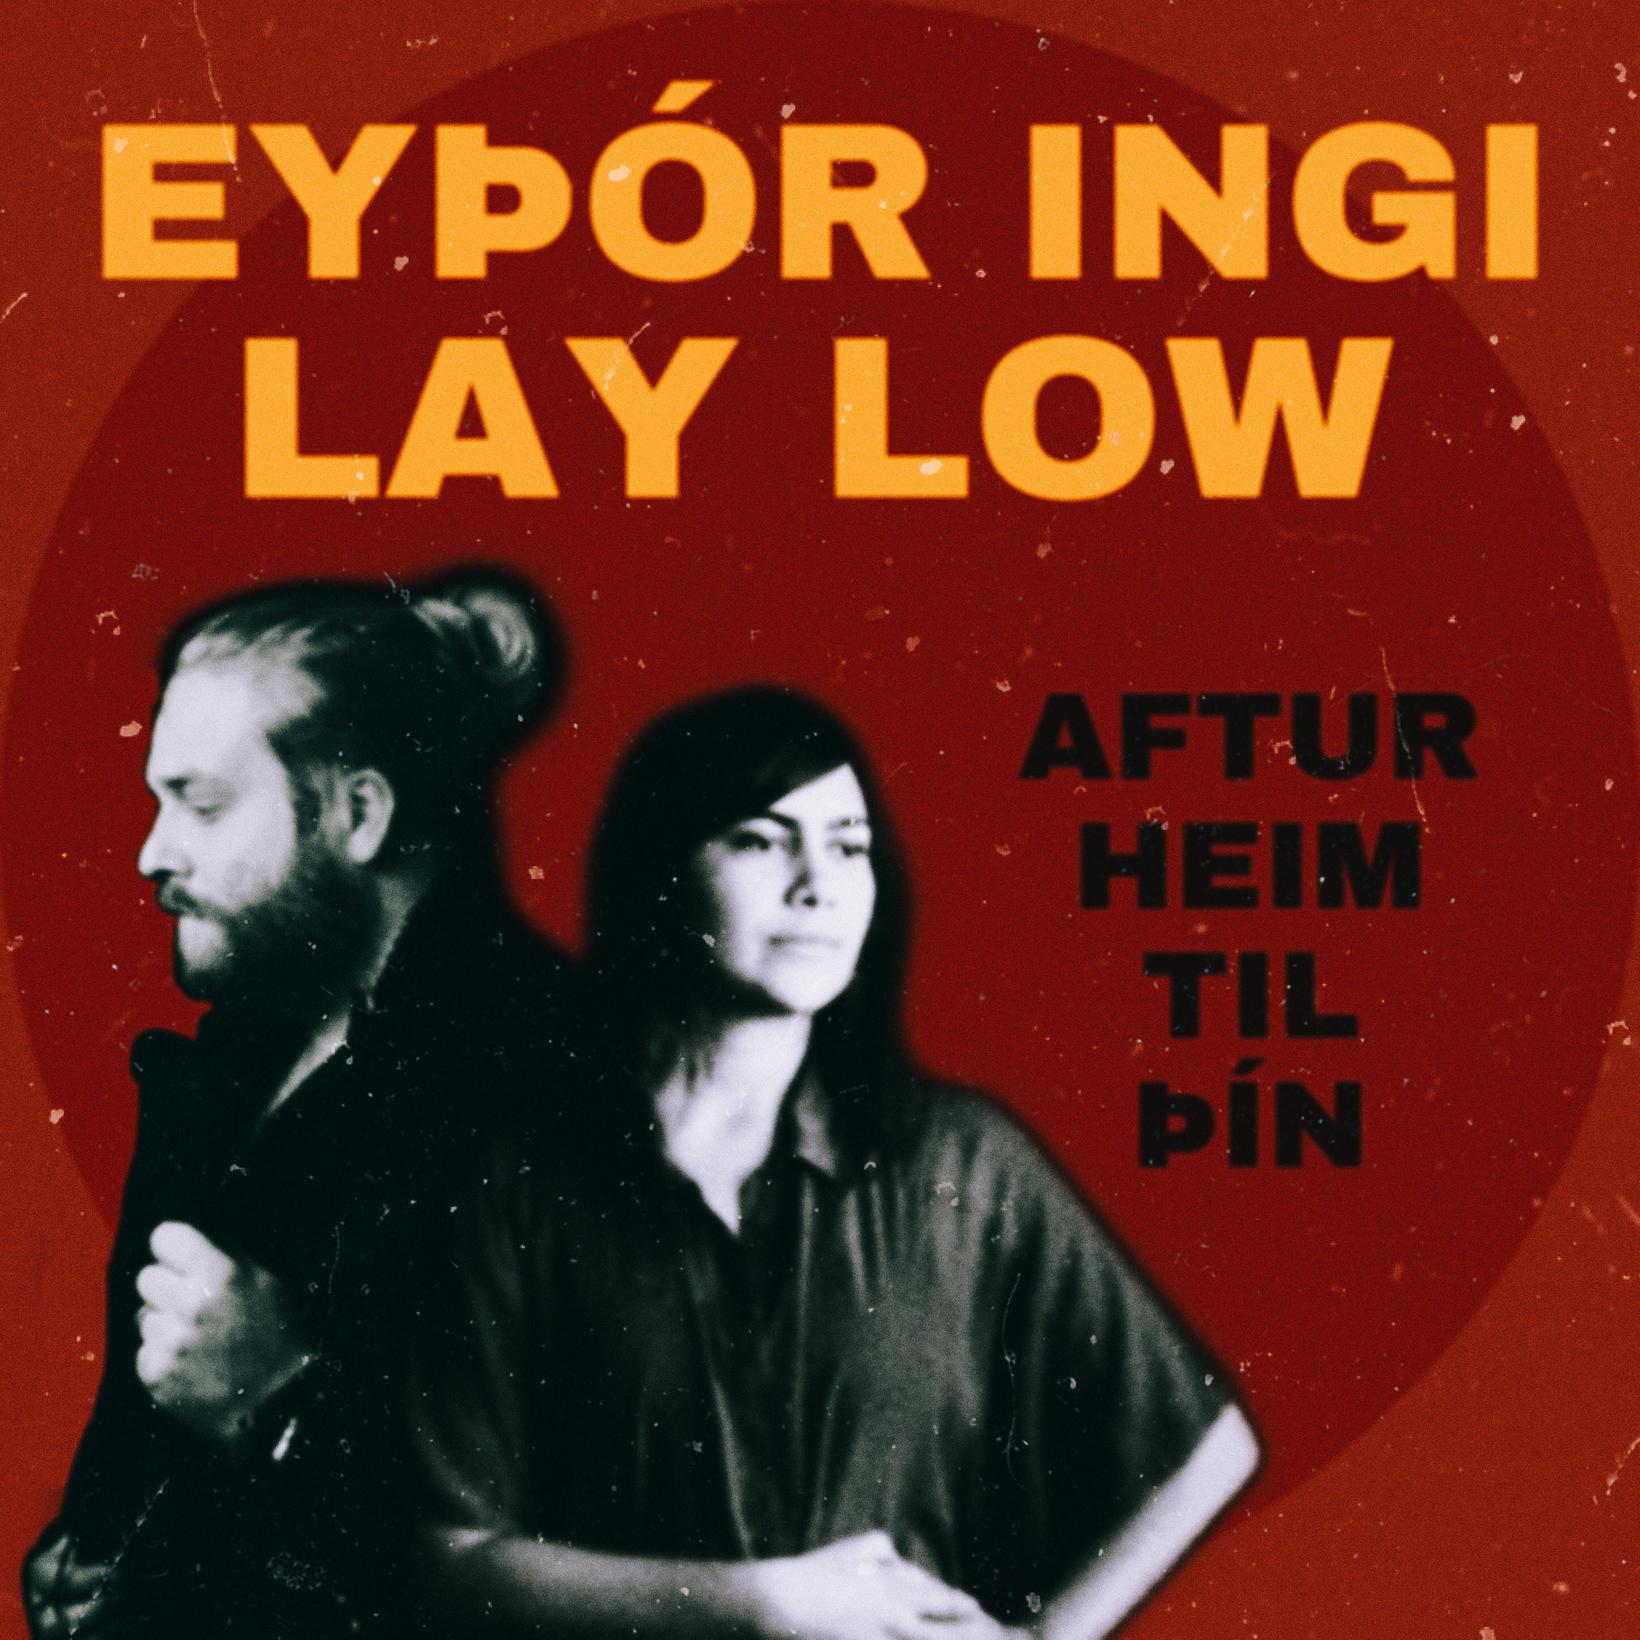 Þetta er fyrsta lag Eyþors Inga og Lay low saman. …